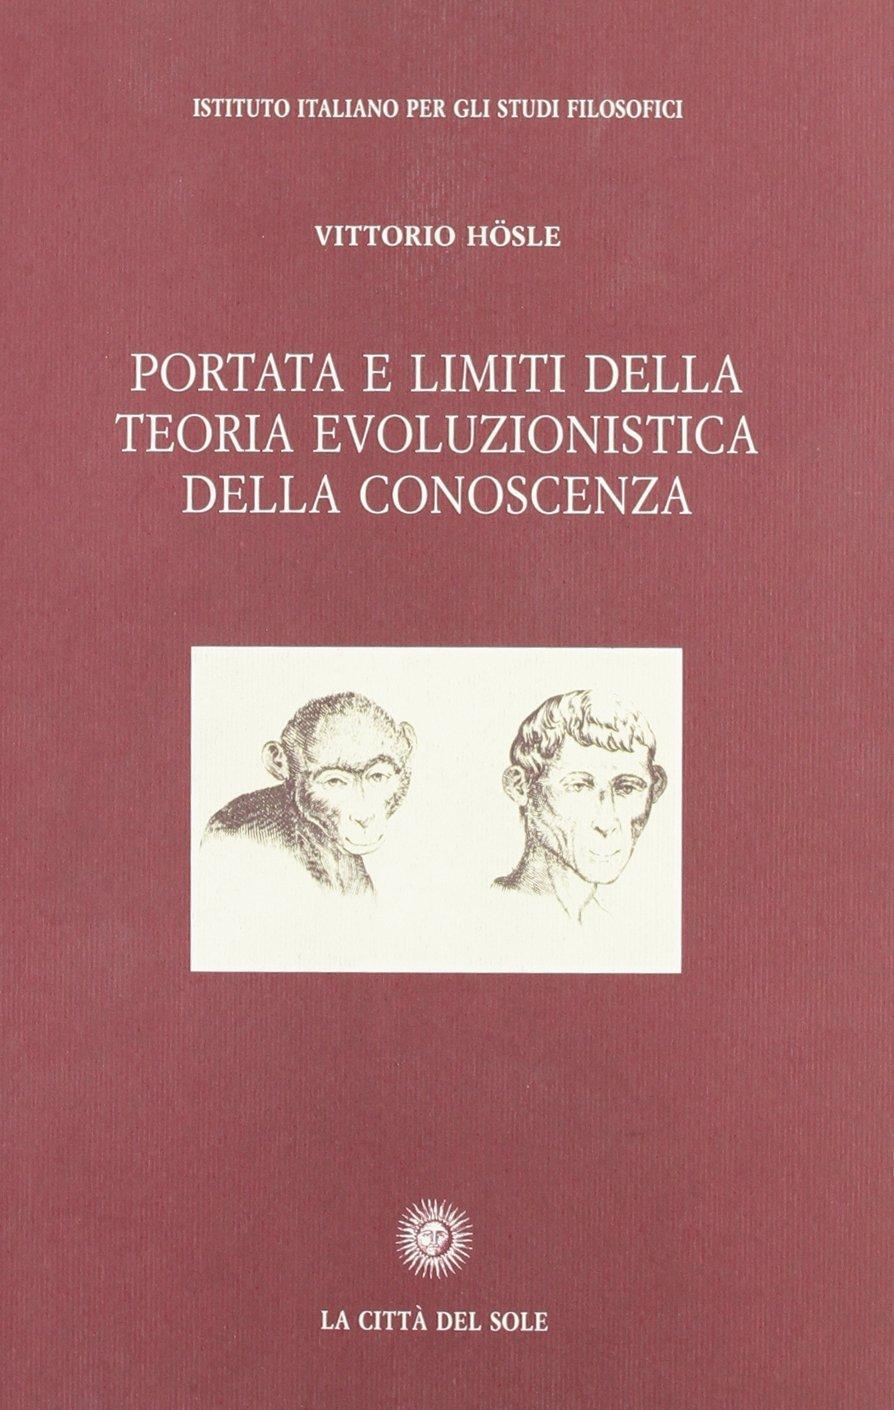 Portata e limiti della teoria evoluzionistica della conoscenza